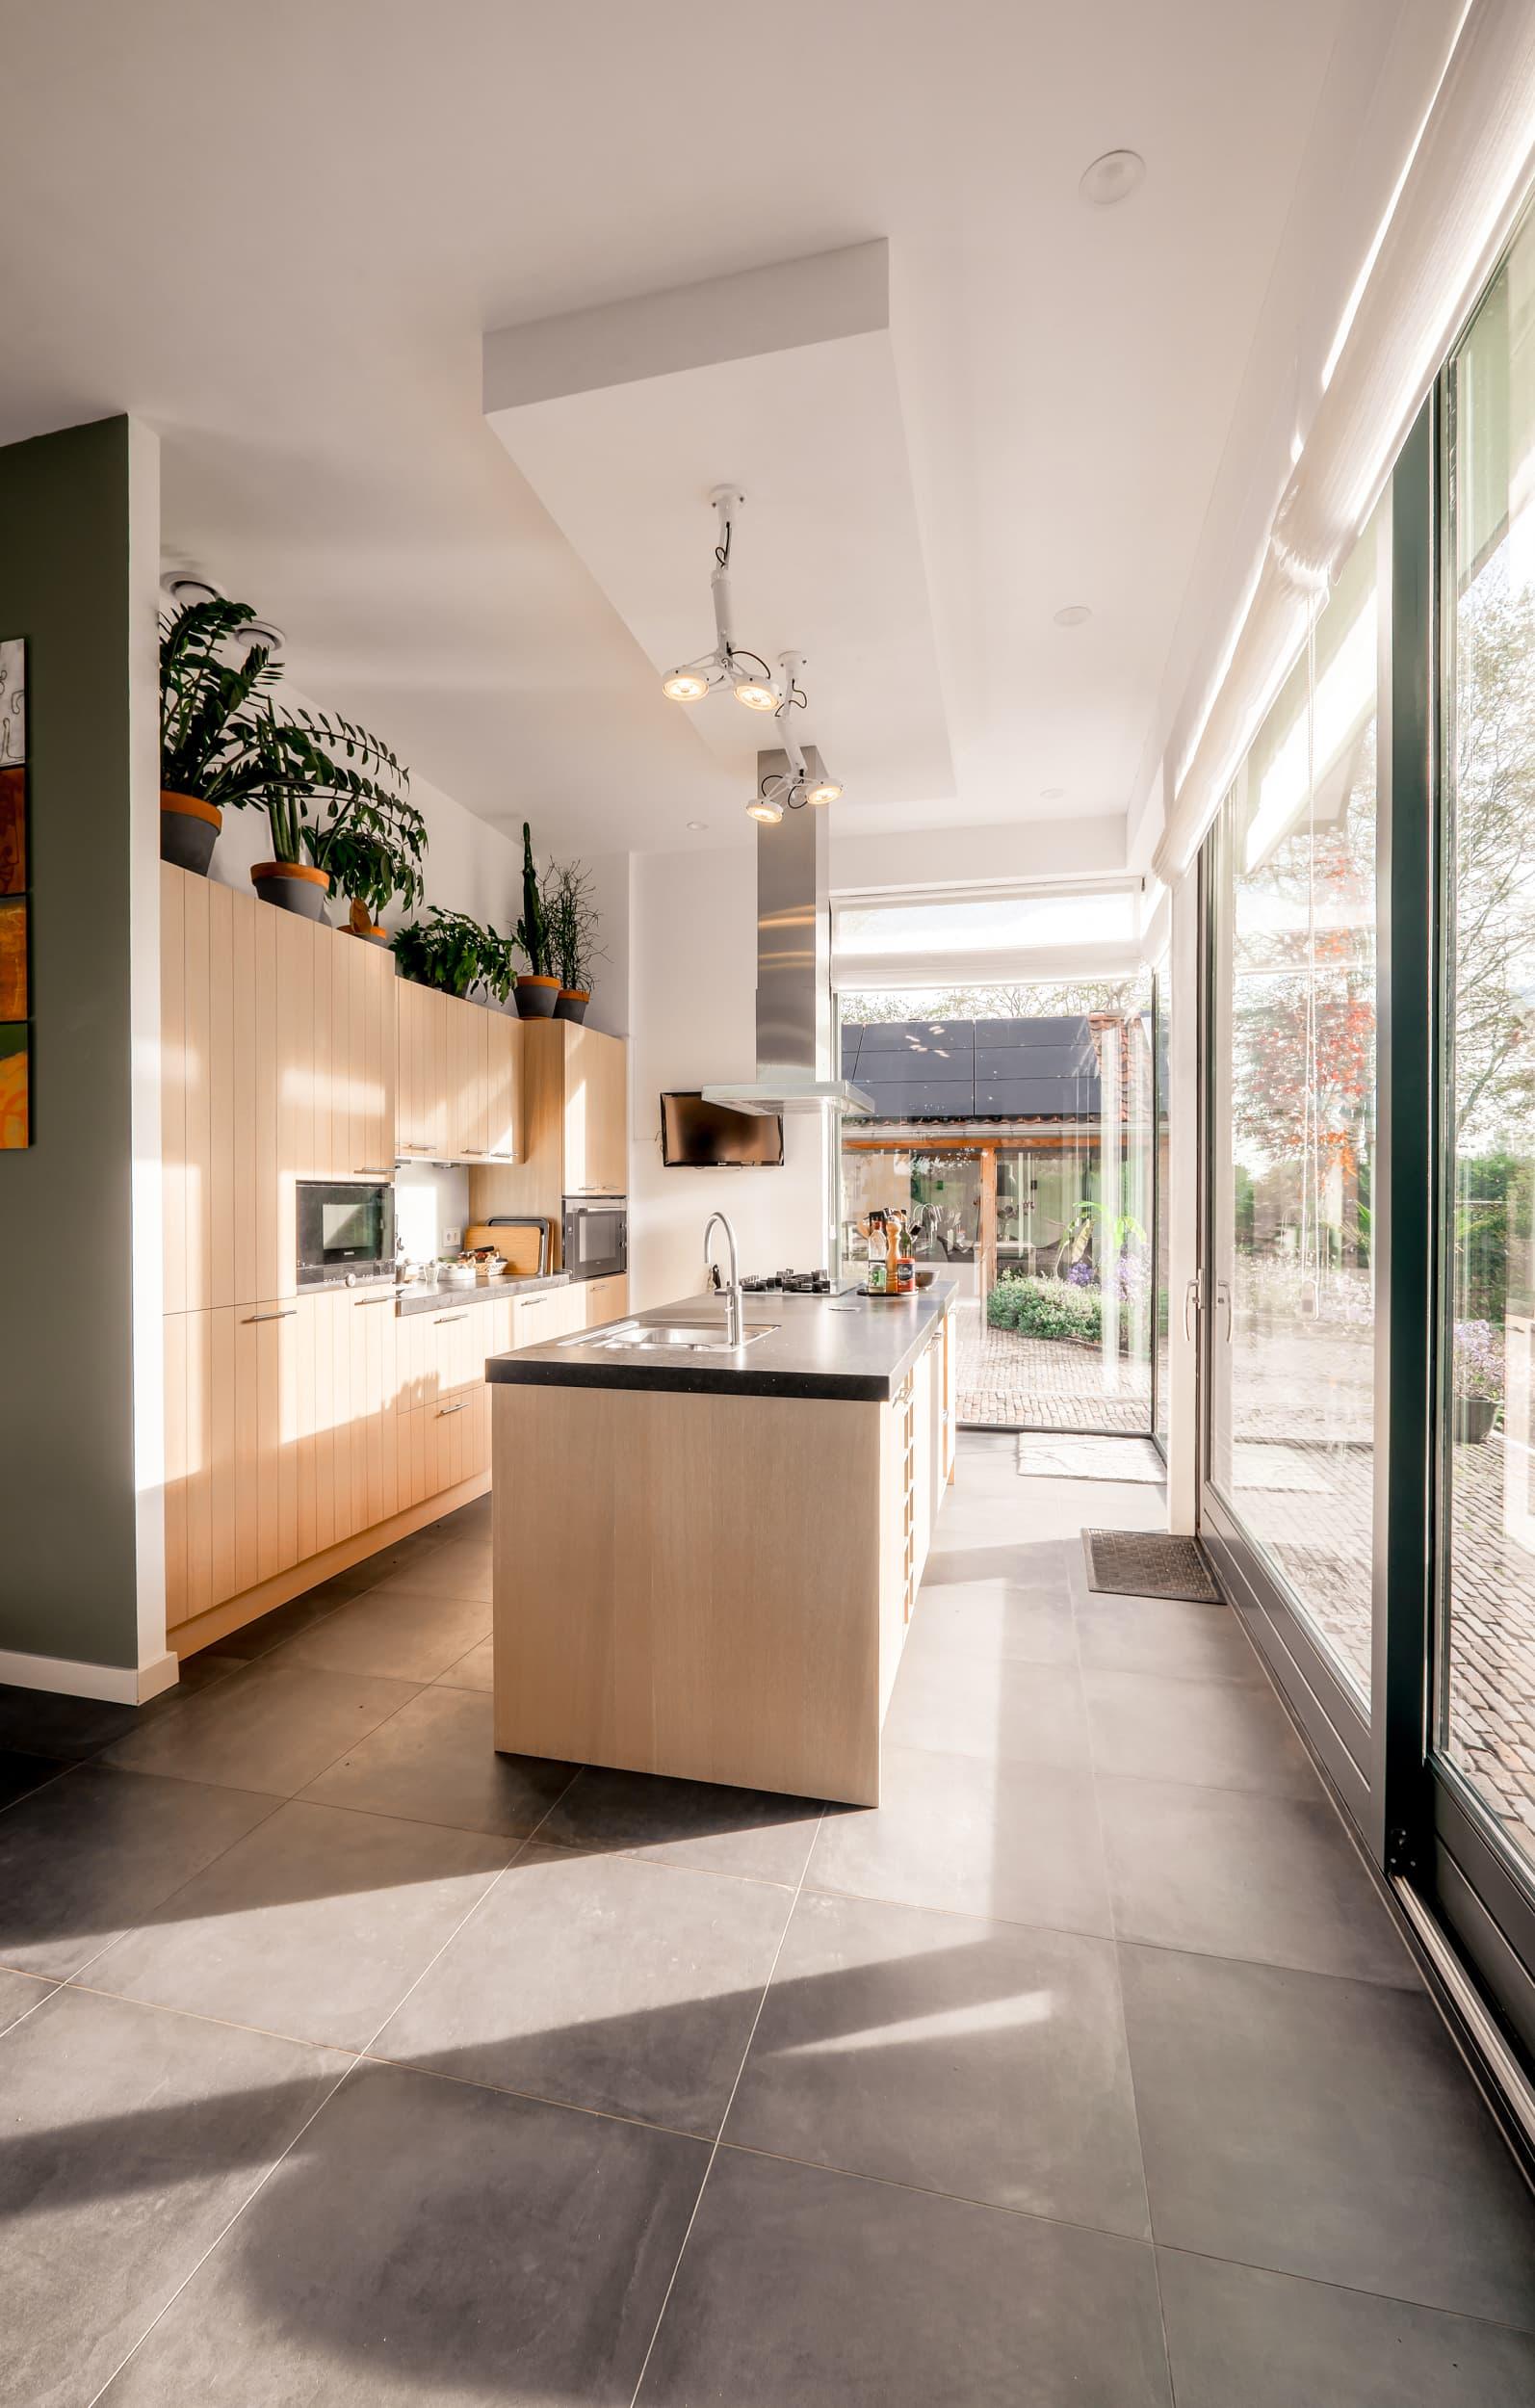 van-os-architecten-nieuwbouw-dijkwoning-rottekade-zevenhuizen-extra-hoge-keuken-door-split-level